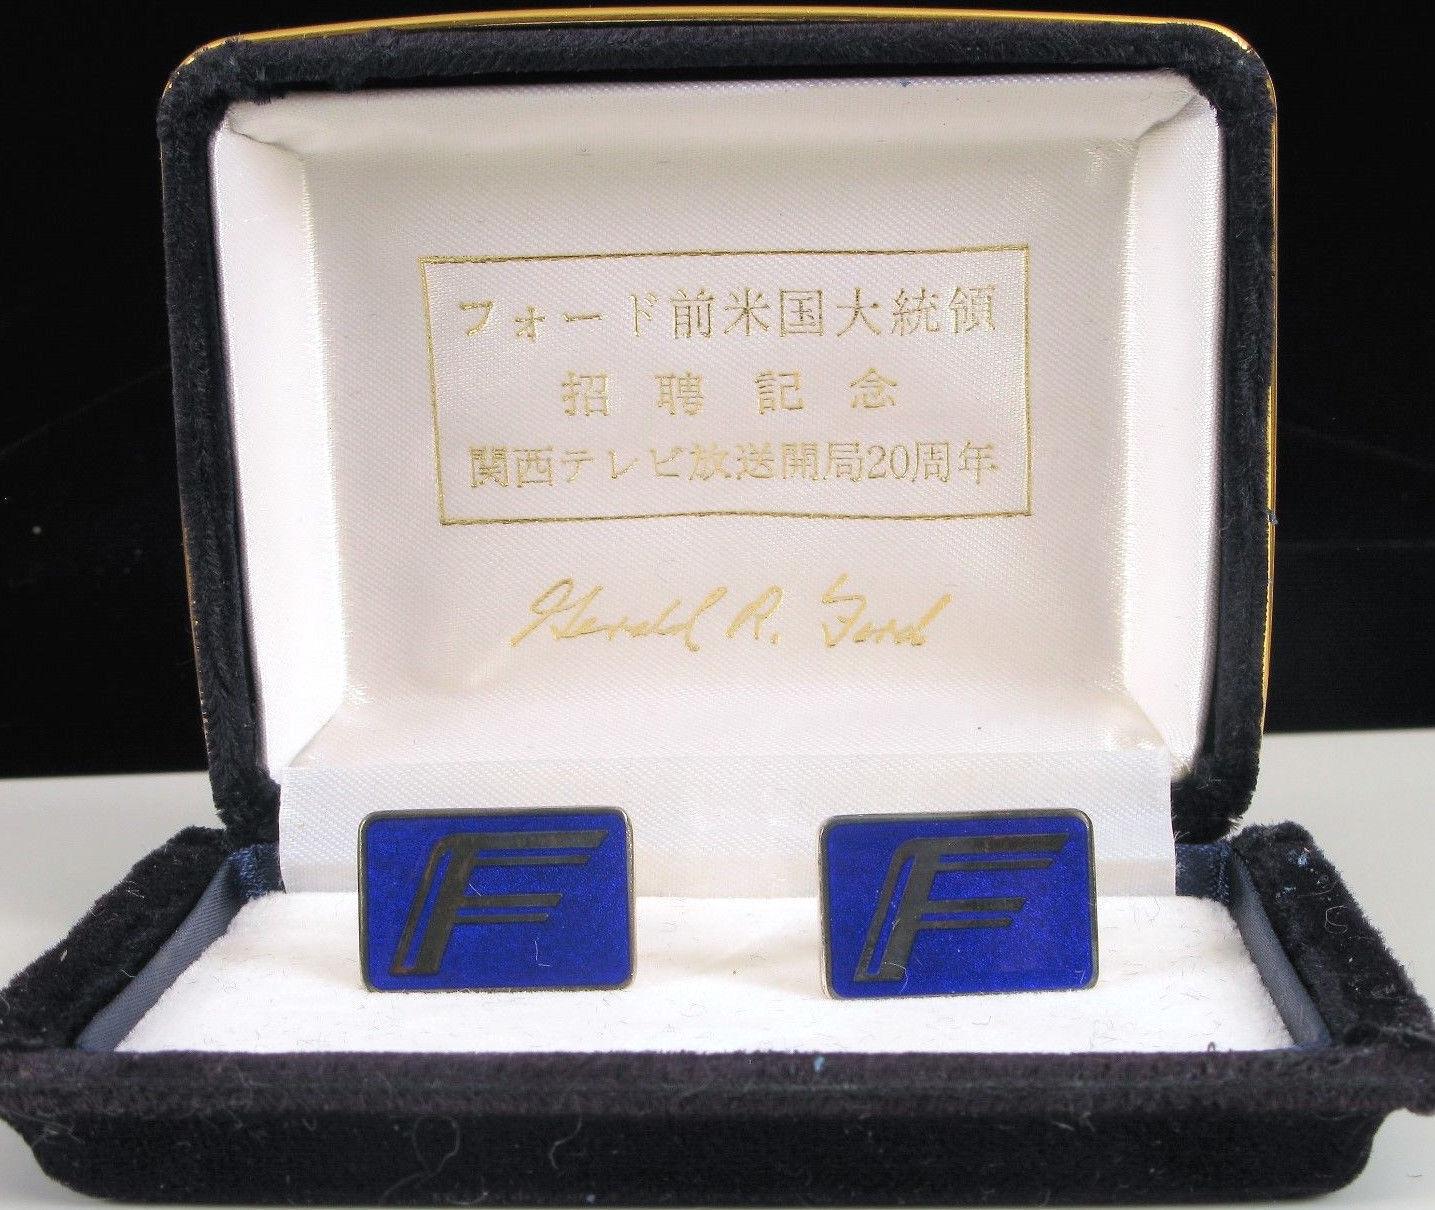 Selten des Präsidenten Sterling Silber Manschettenknöpfe Gerald R Ford Chinese O